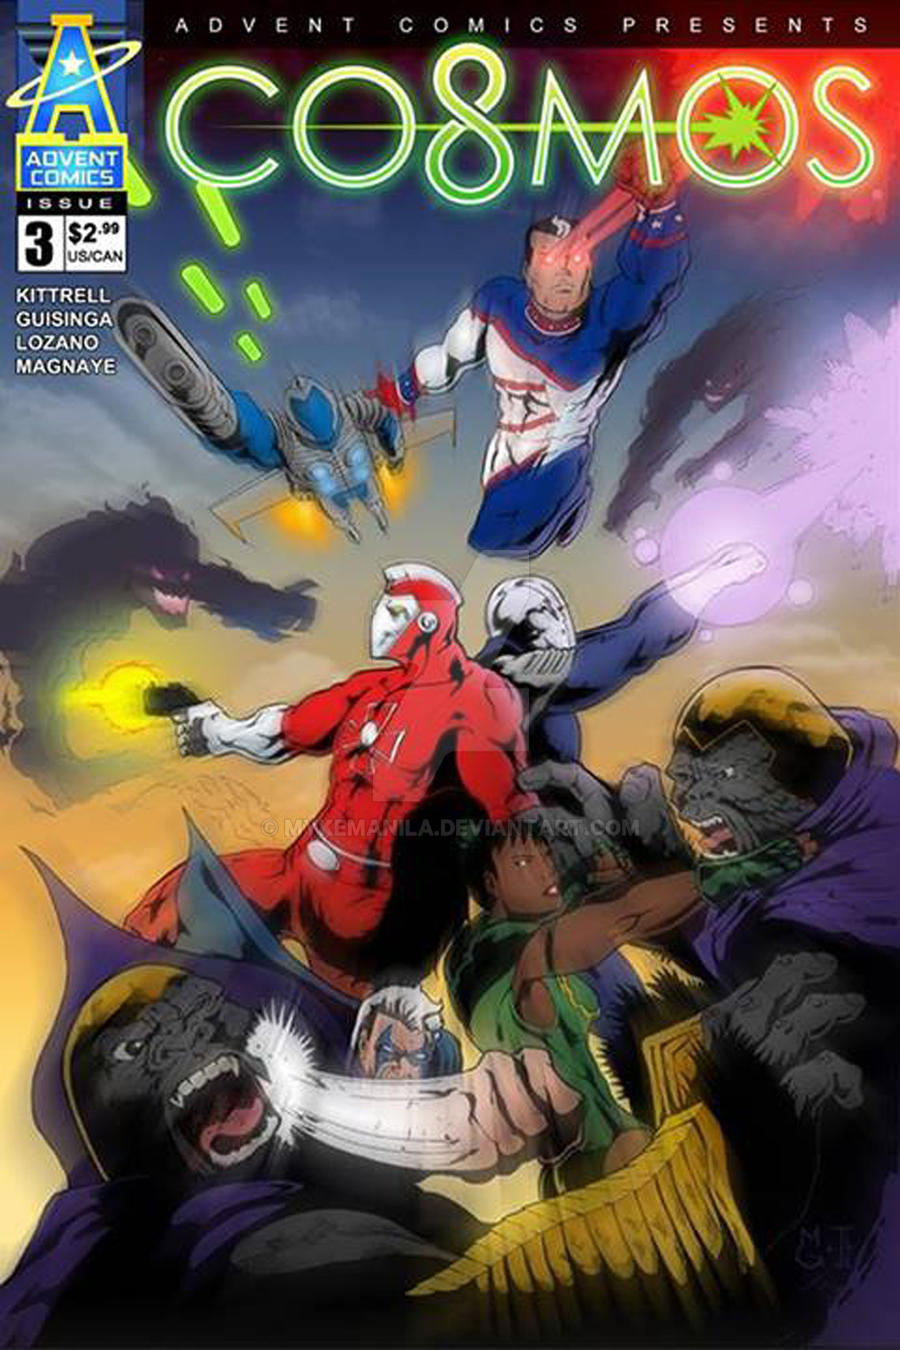 COSMOS #3 Comicbook cover by Mykemanila